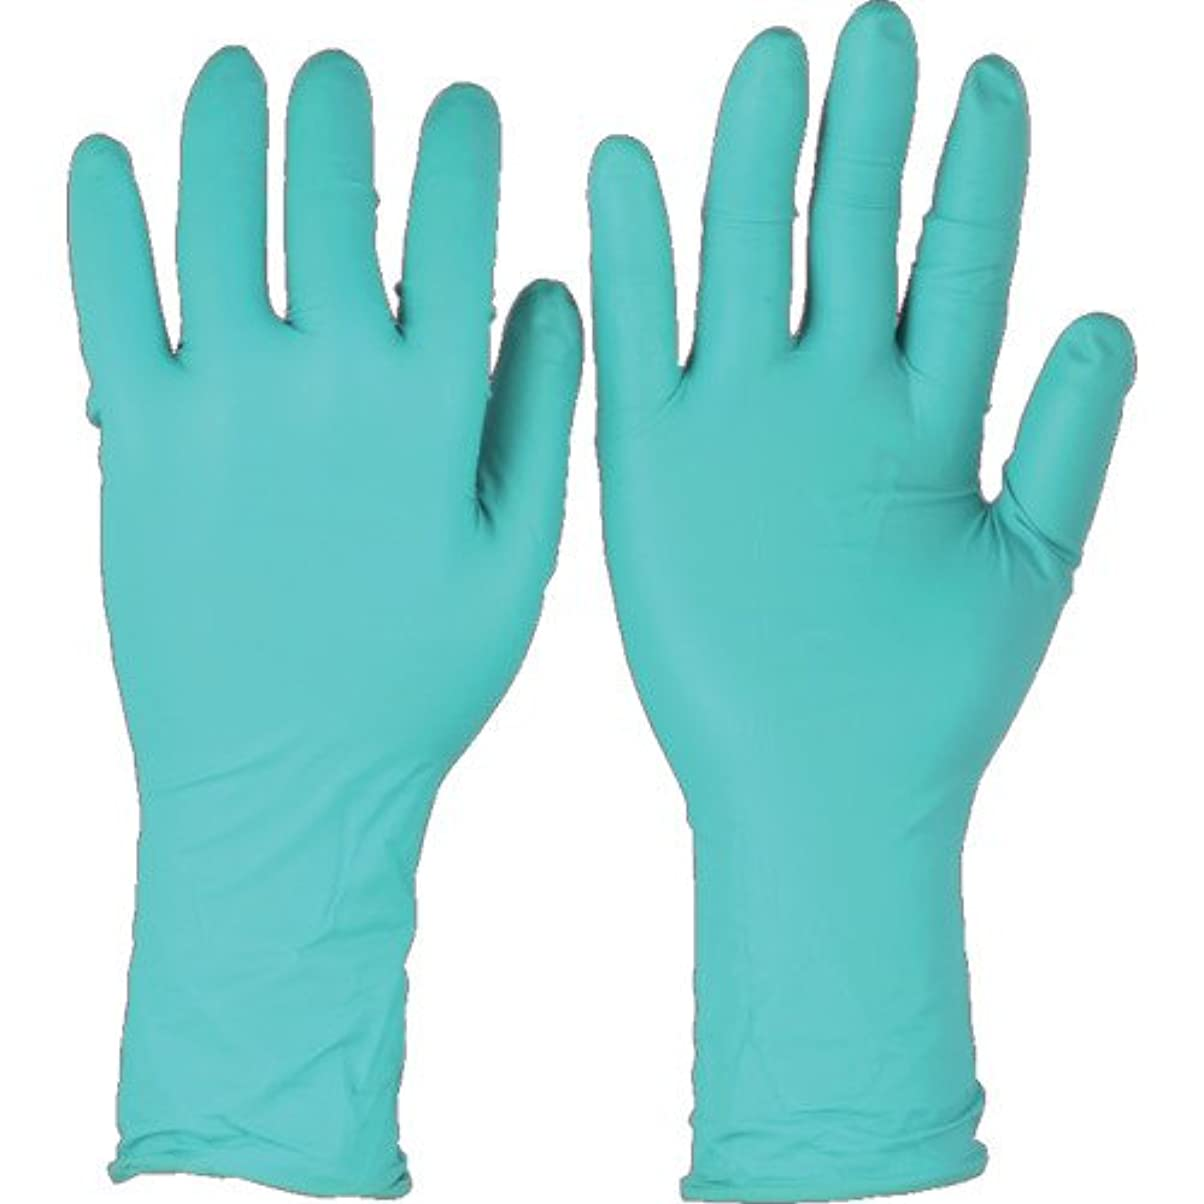 離れた小説従事したトラスコ中山 アンセル ネオプレンゴム使い捨て手袋 マイクロフレックス 93-260 XXLサイズ (50枚入)  9326011